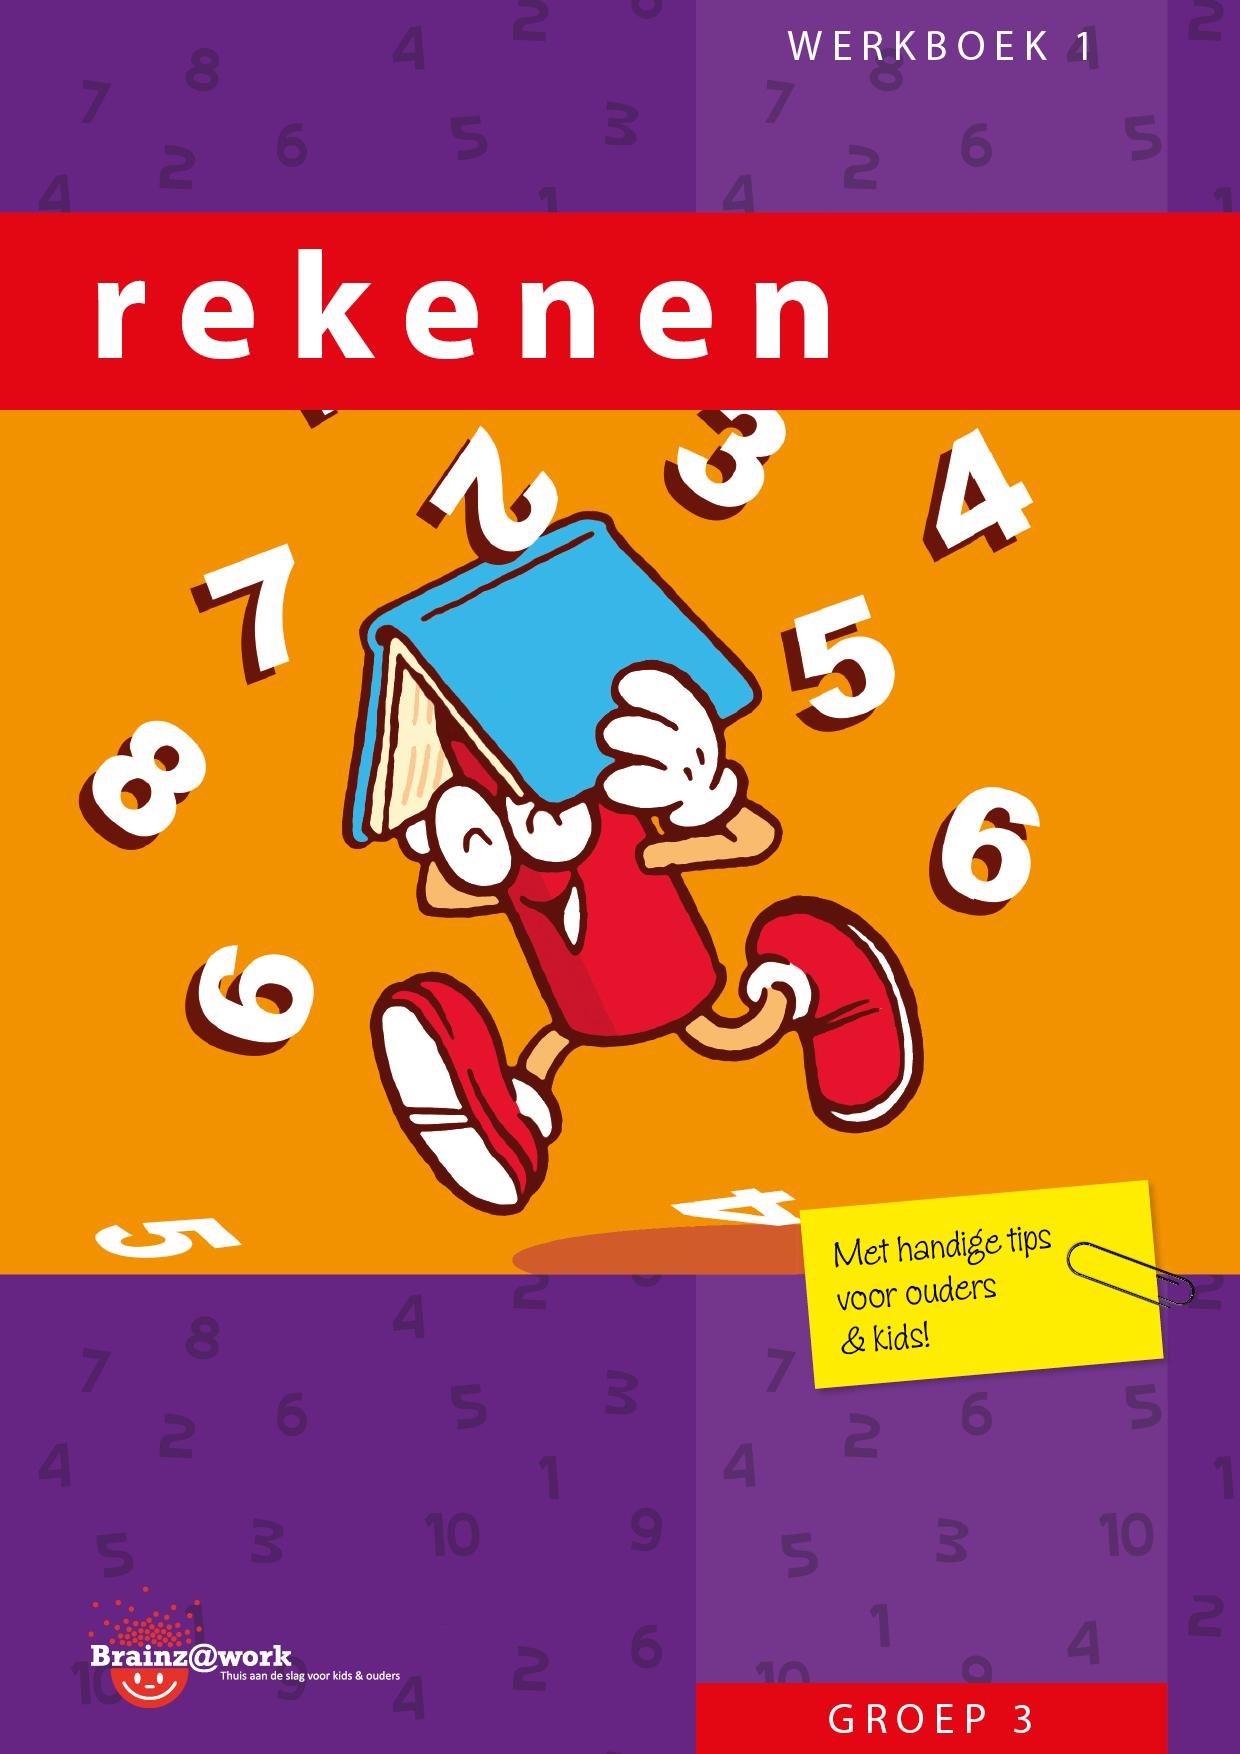 Nieuw Rekenen werkboek 1 - Groep 3 - Brainz@Work PG-43